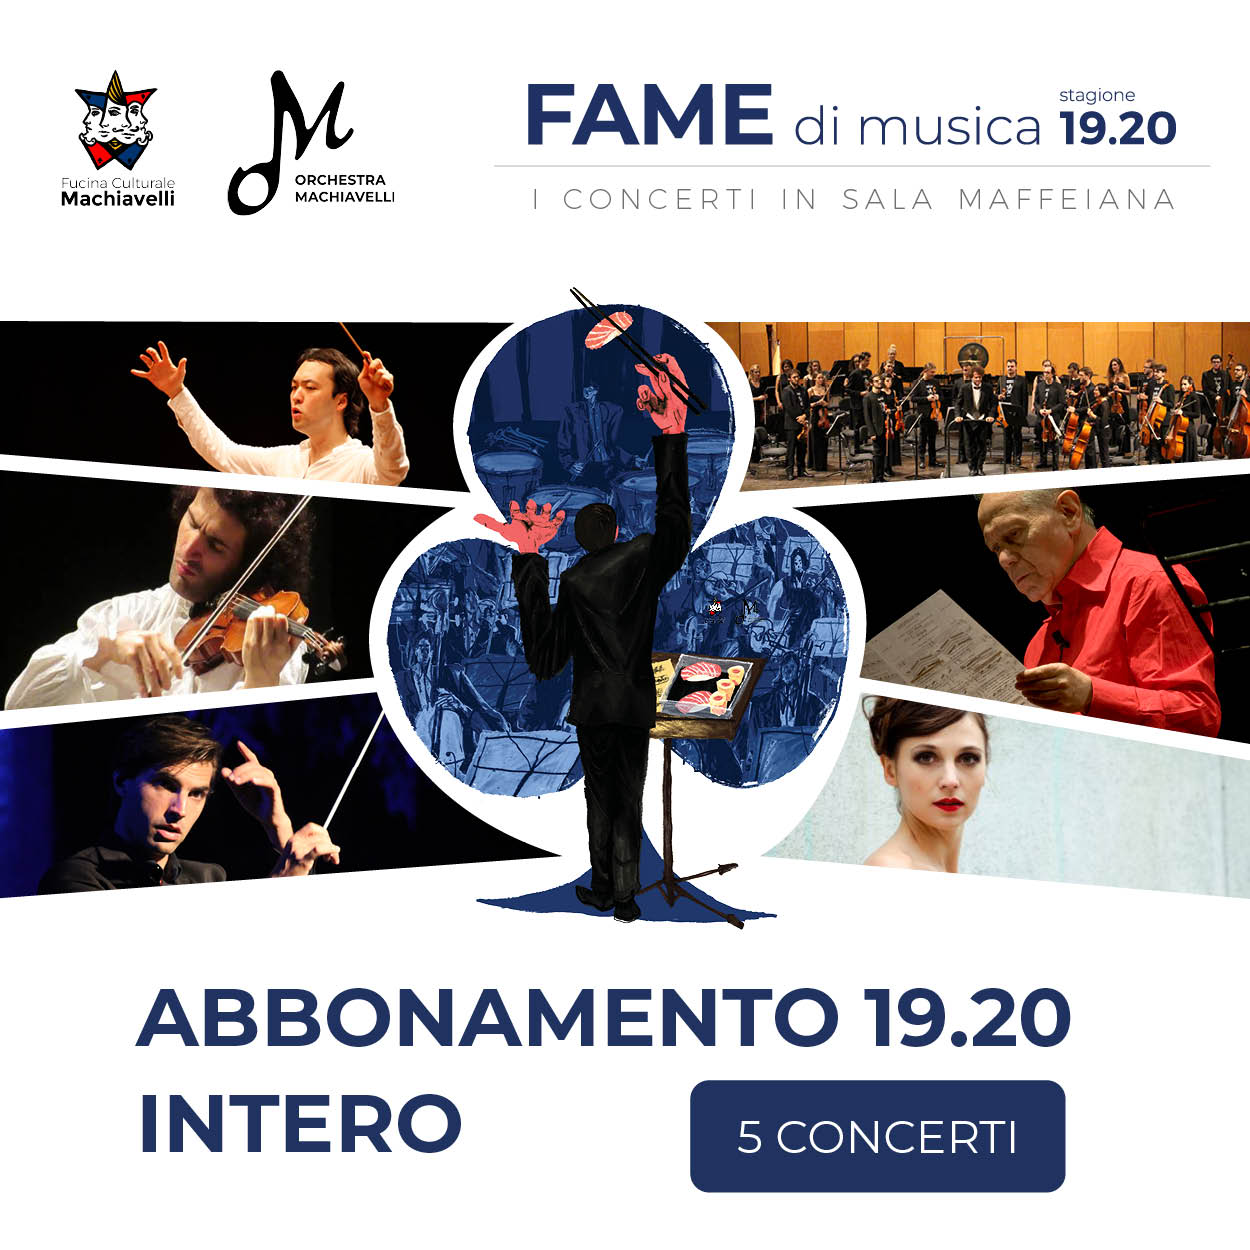 Abbonamento concerti Oechestra Machiavelli - Fame di musica - INTERO